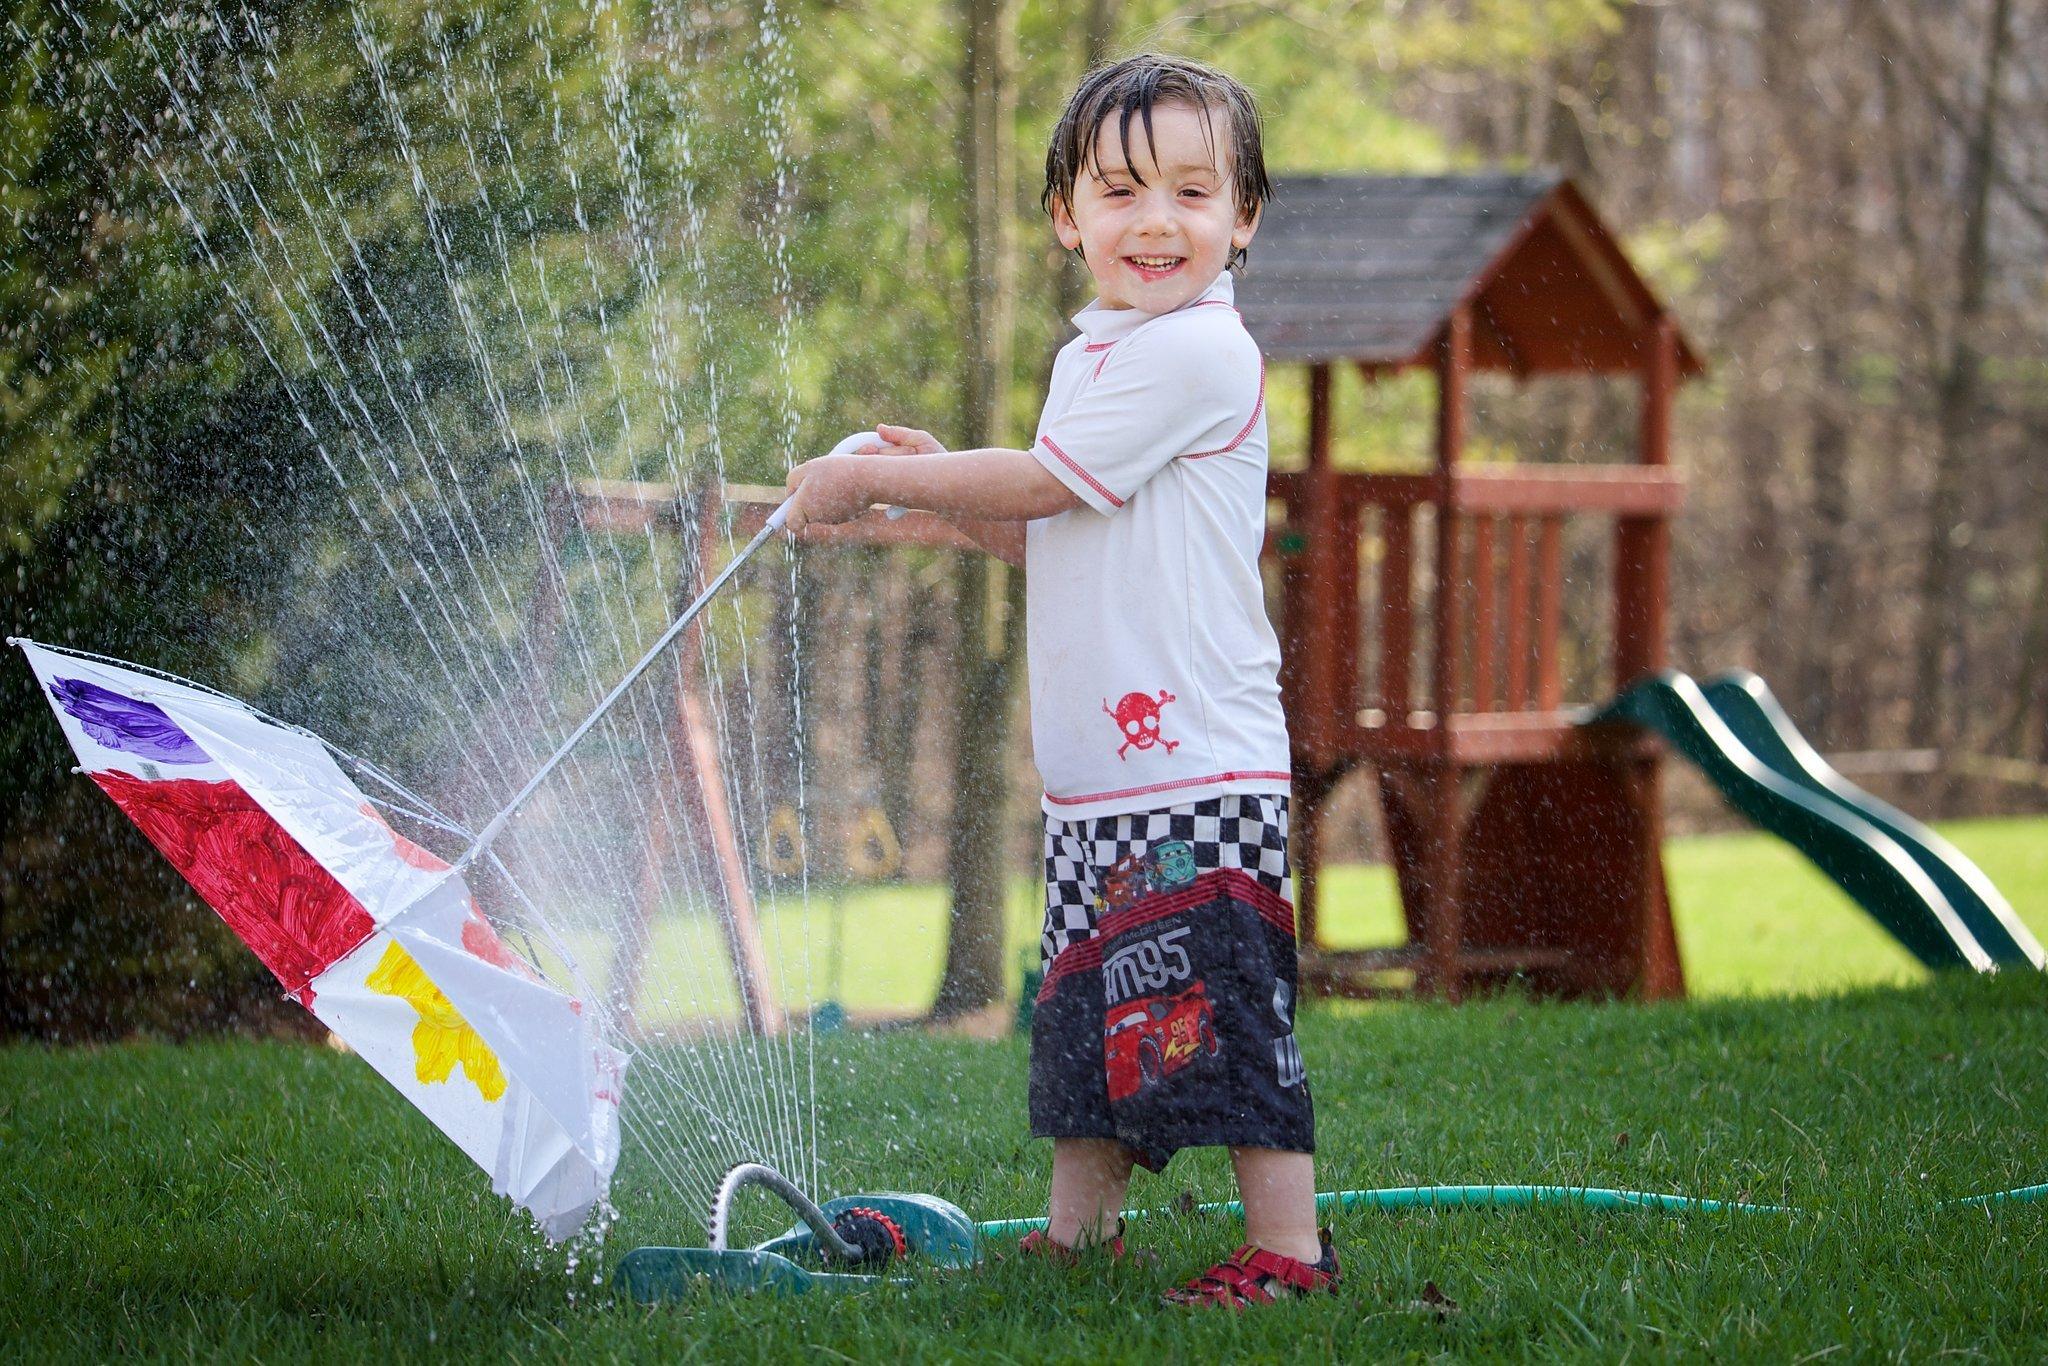 Splash in the Sprinklers